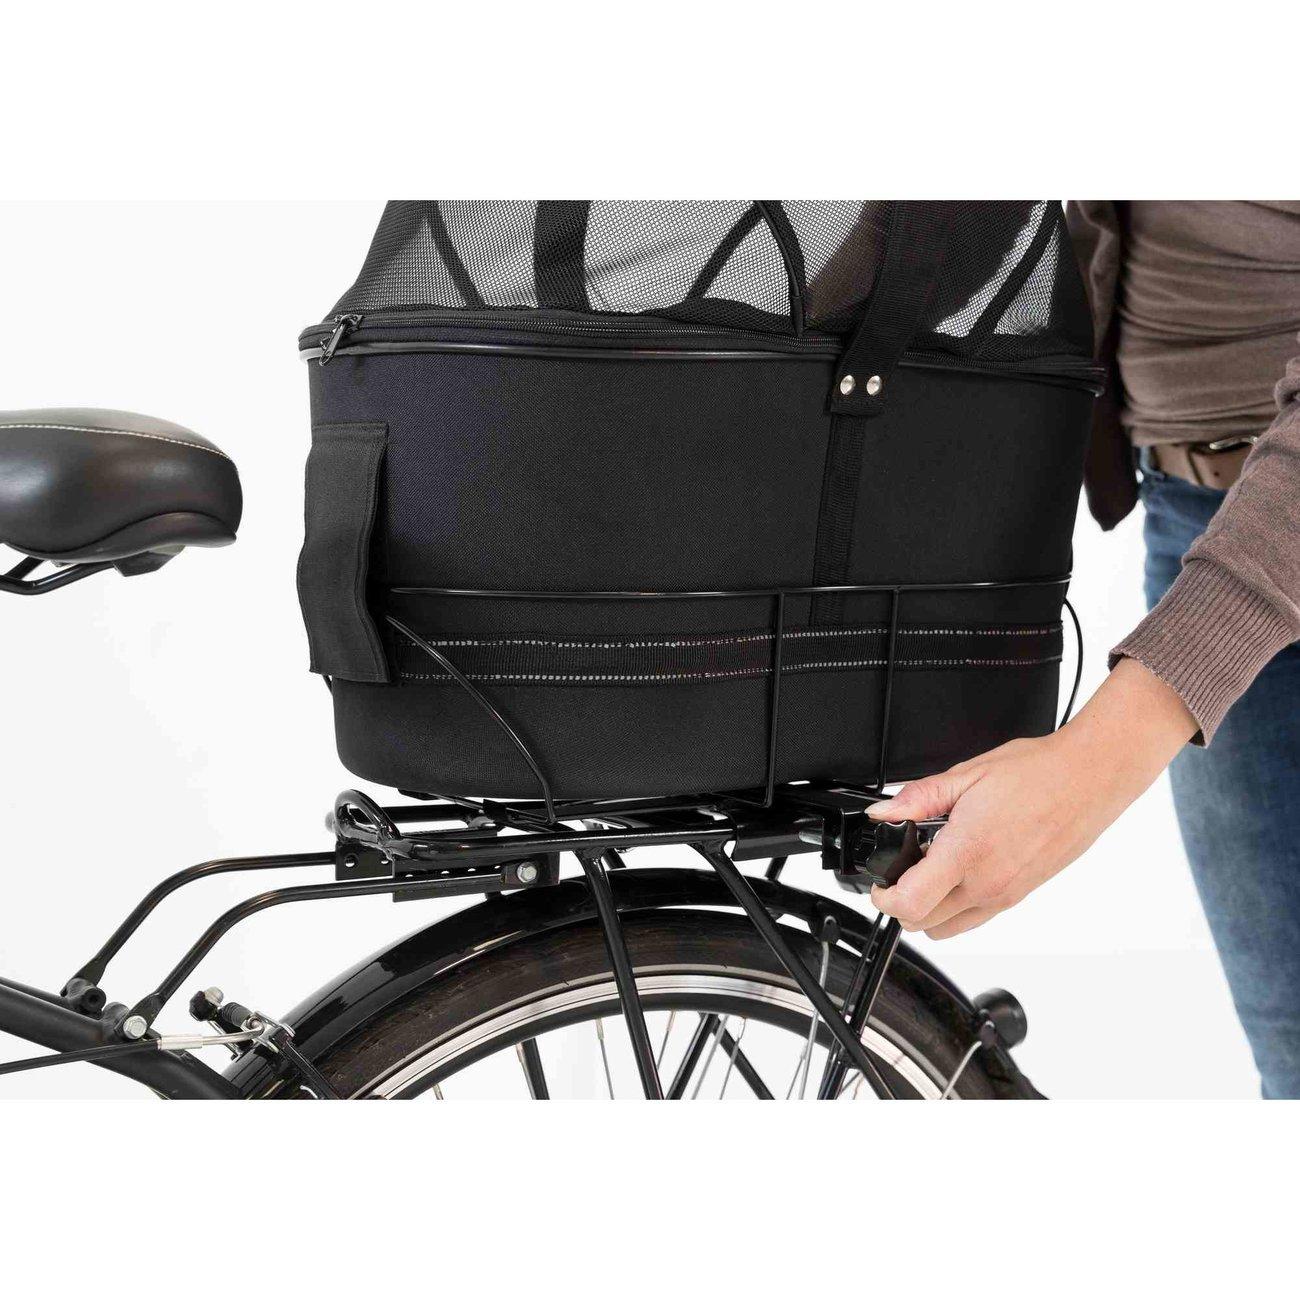 Fahrradtasche mit Metallrahmen für breite Gepäckträger Bild 13